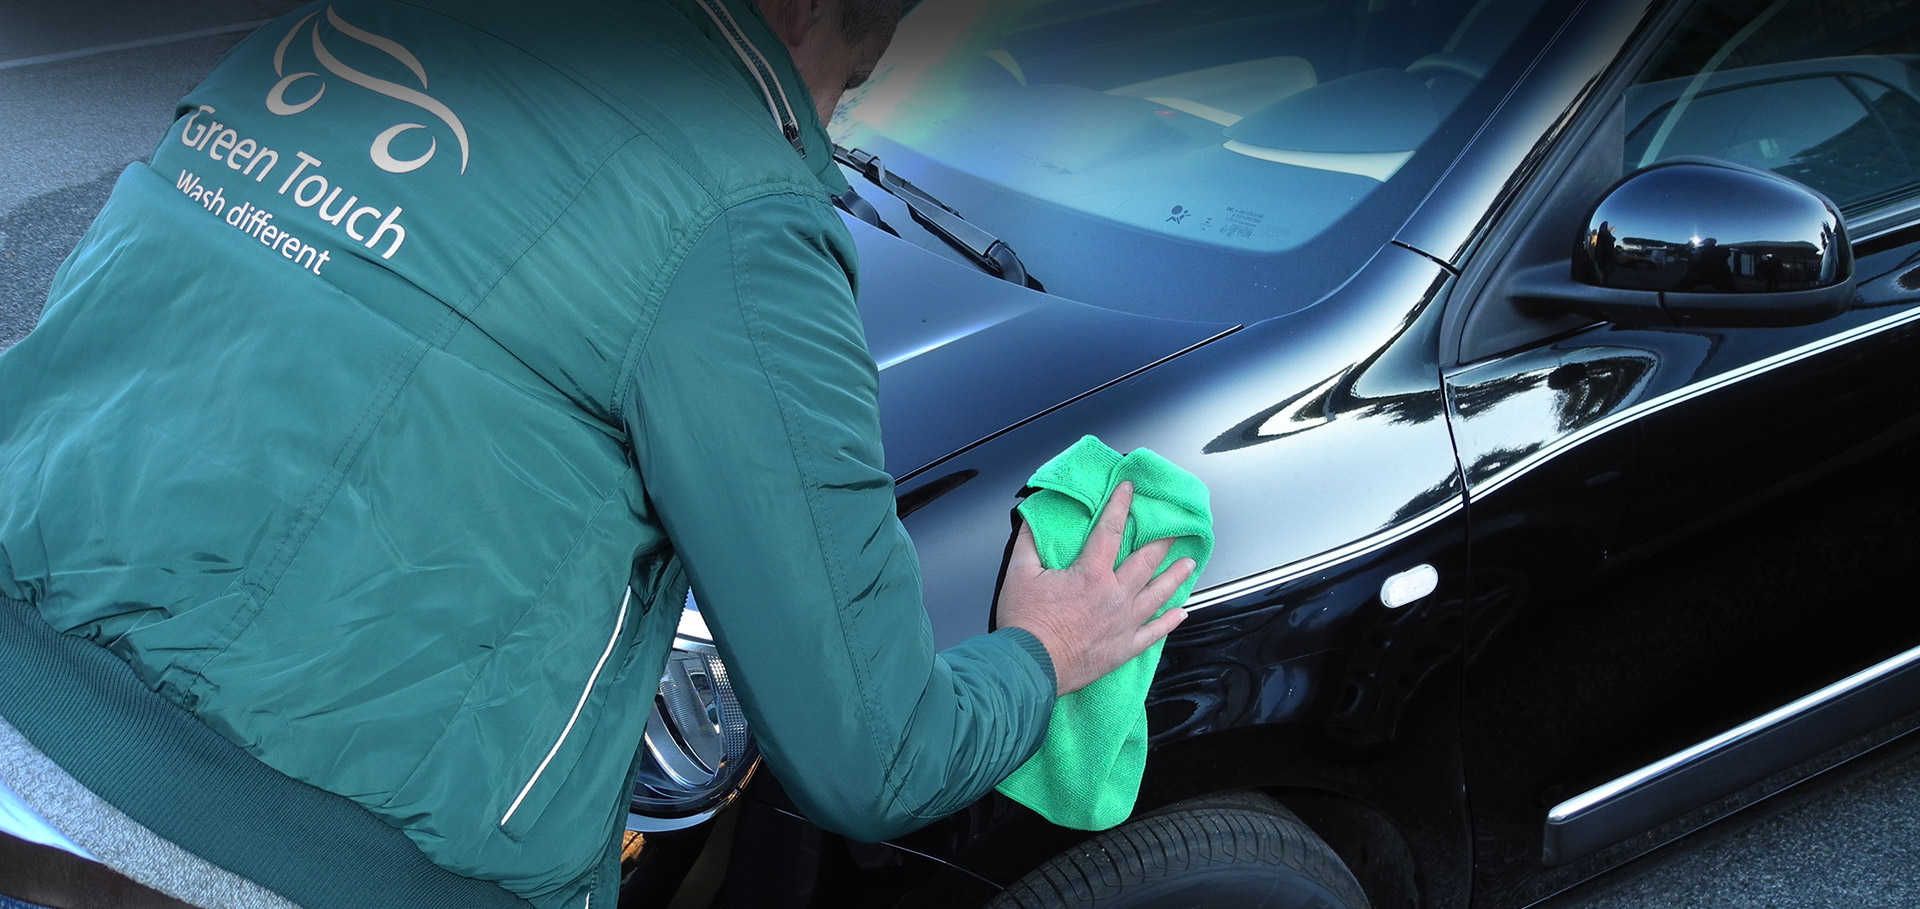 Autolavaggio e trattamento auto ecologico a domicilio